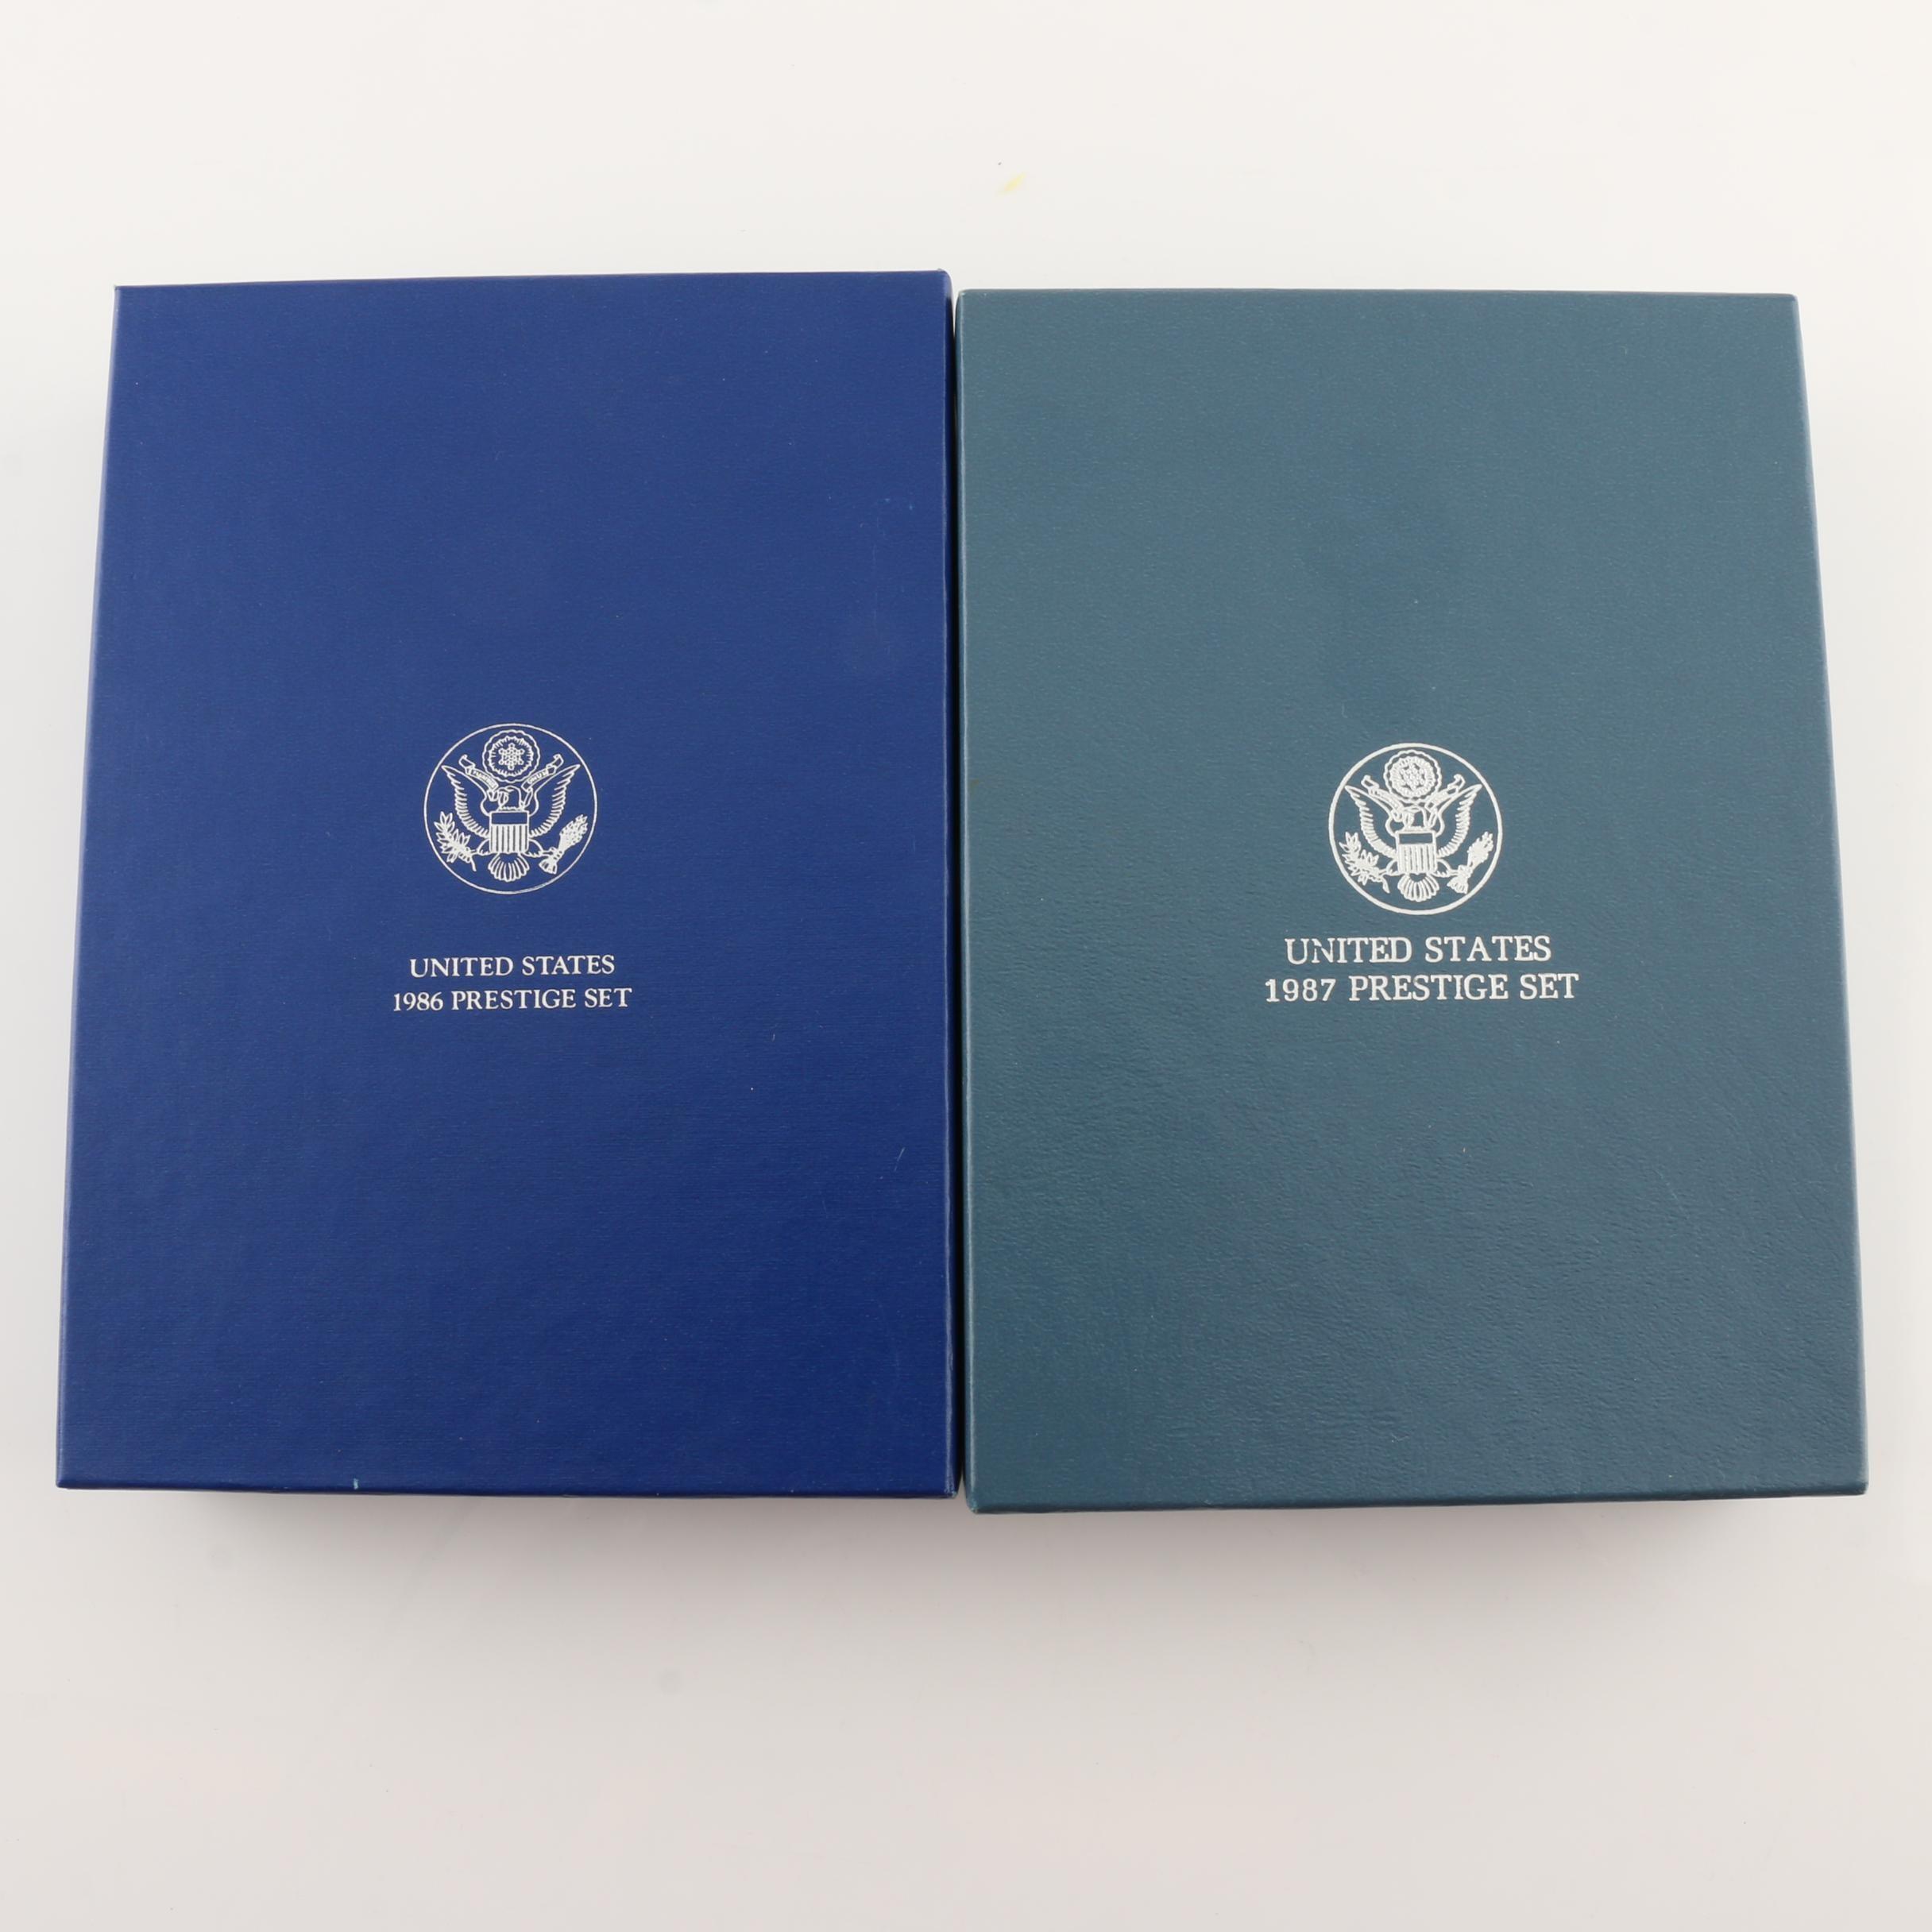 1986 and 1987 U.S. Mint Prestige Sets